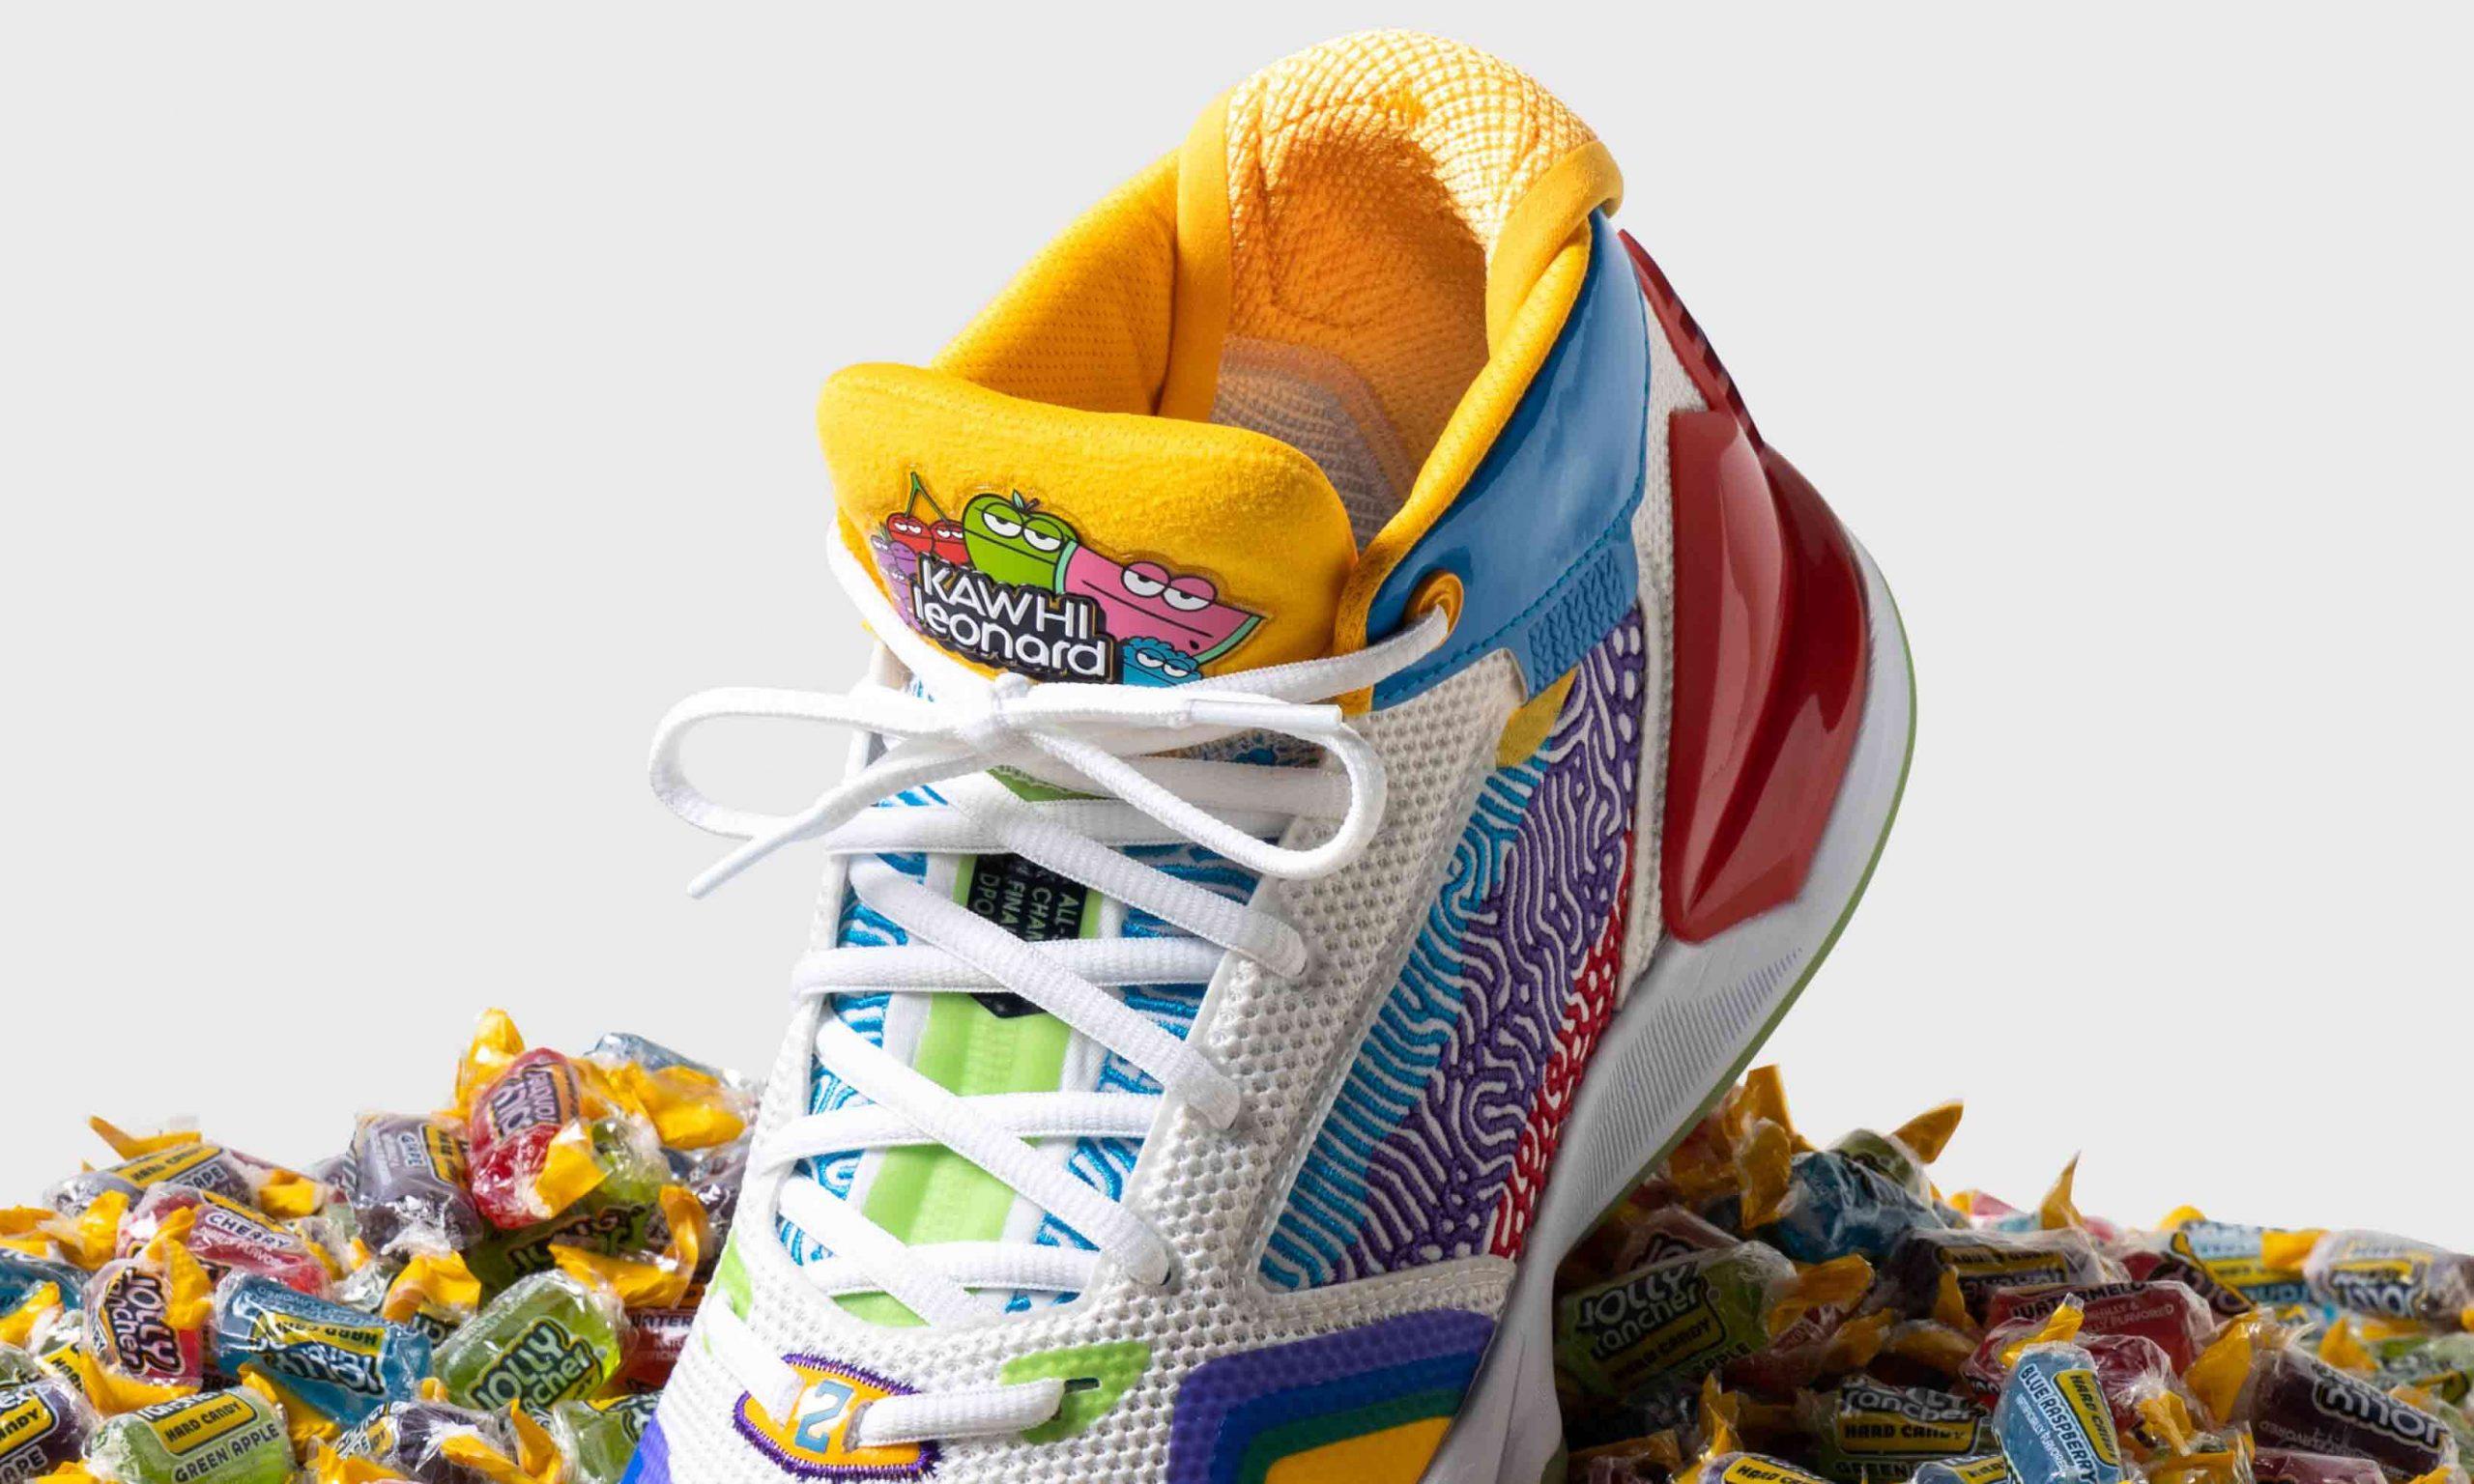 缤纷「甜蜜」,New Balance 携手 Jolly Rancher 推出「The Kawhi」签名篮球鞋